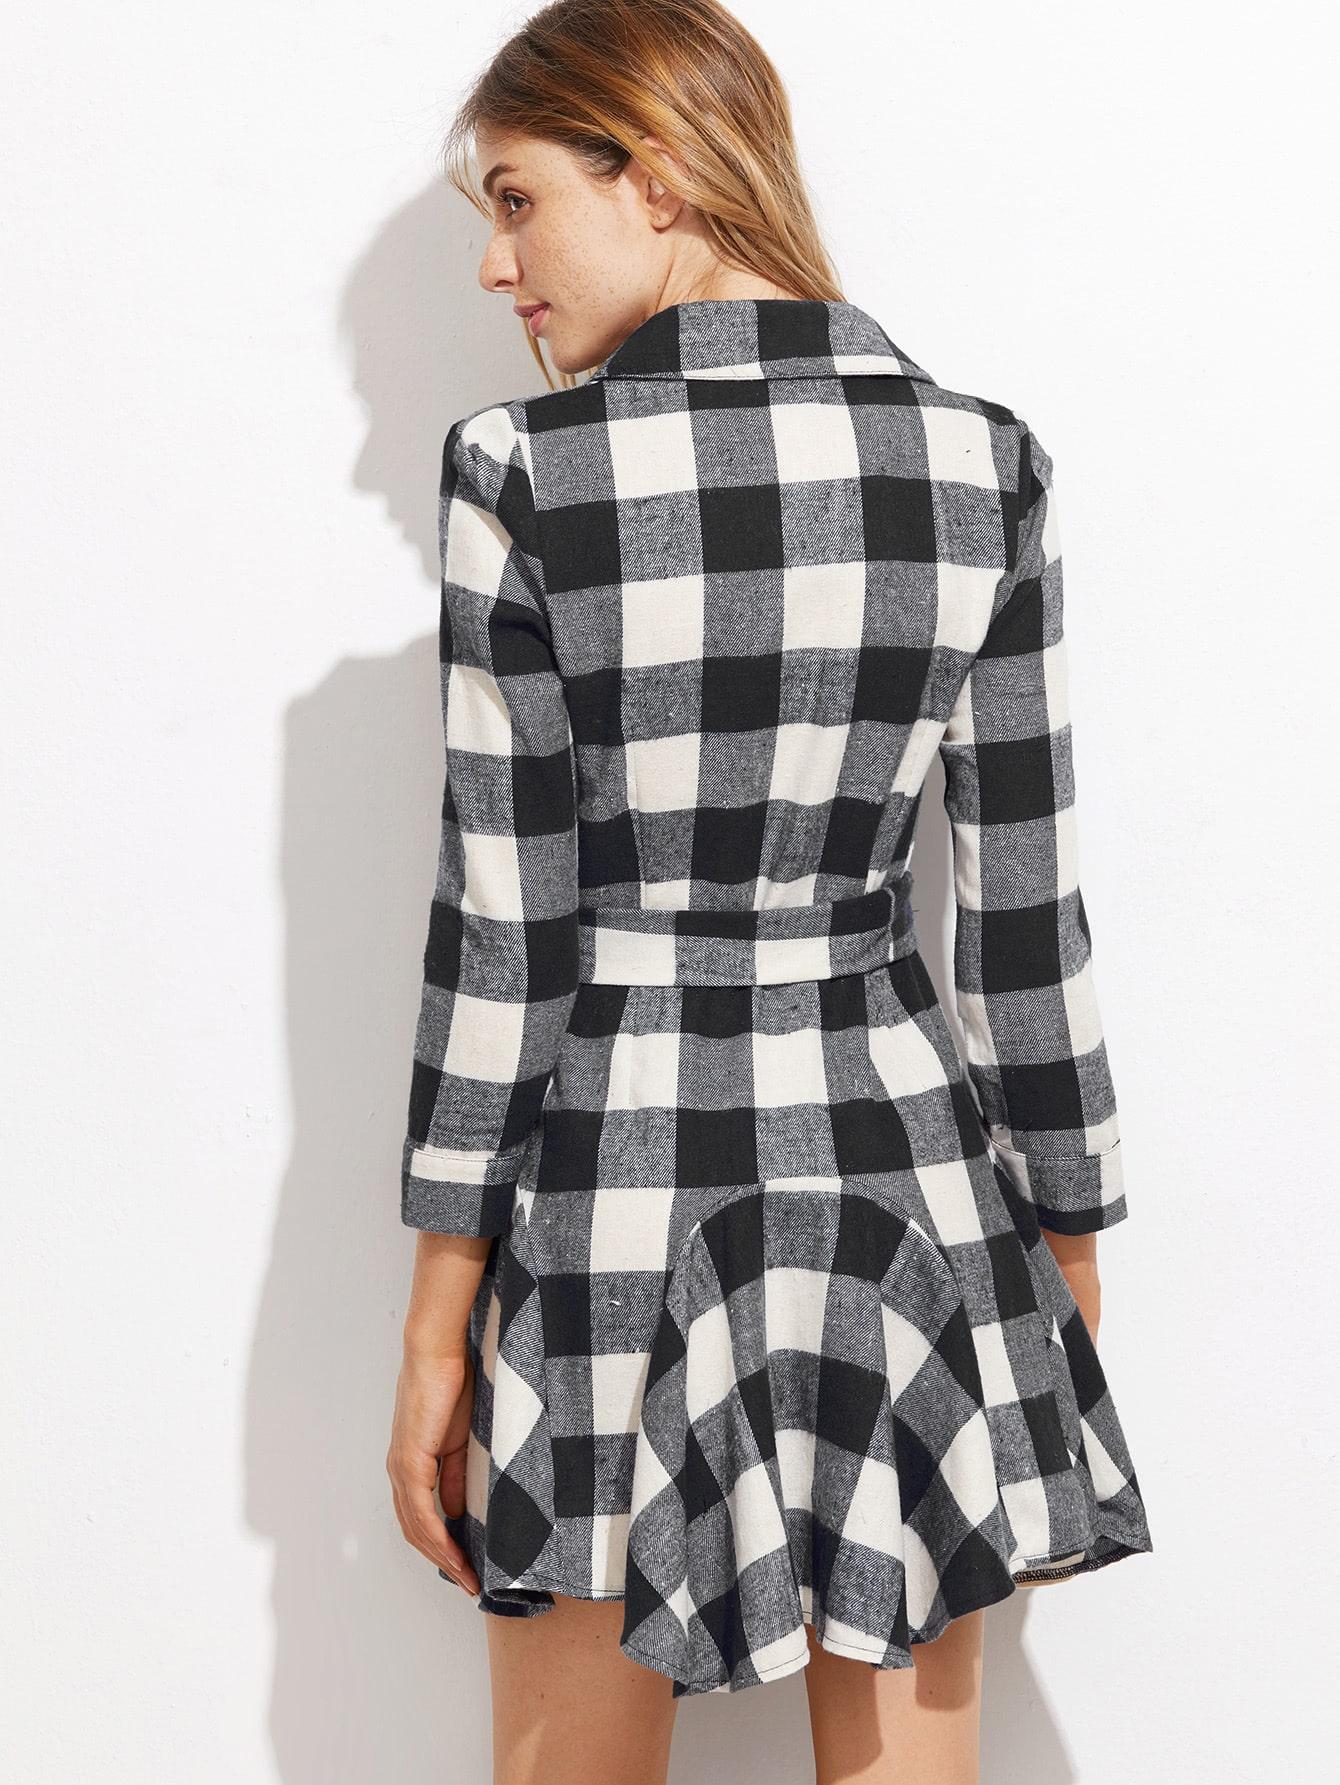 dress161017302_2